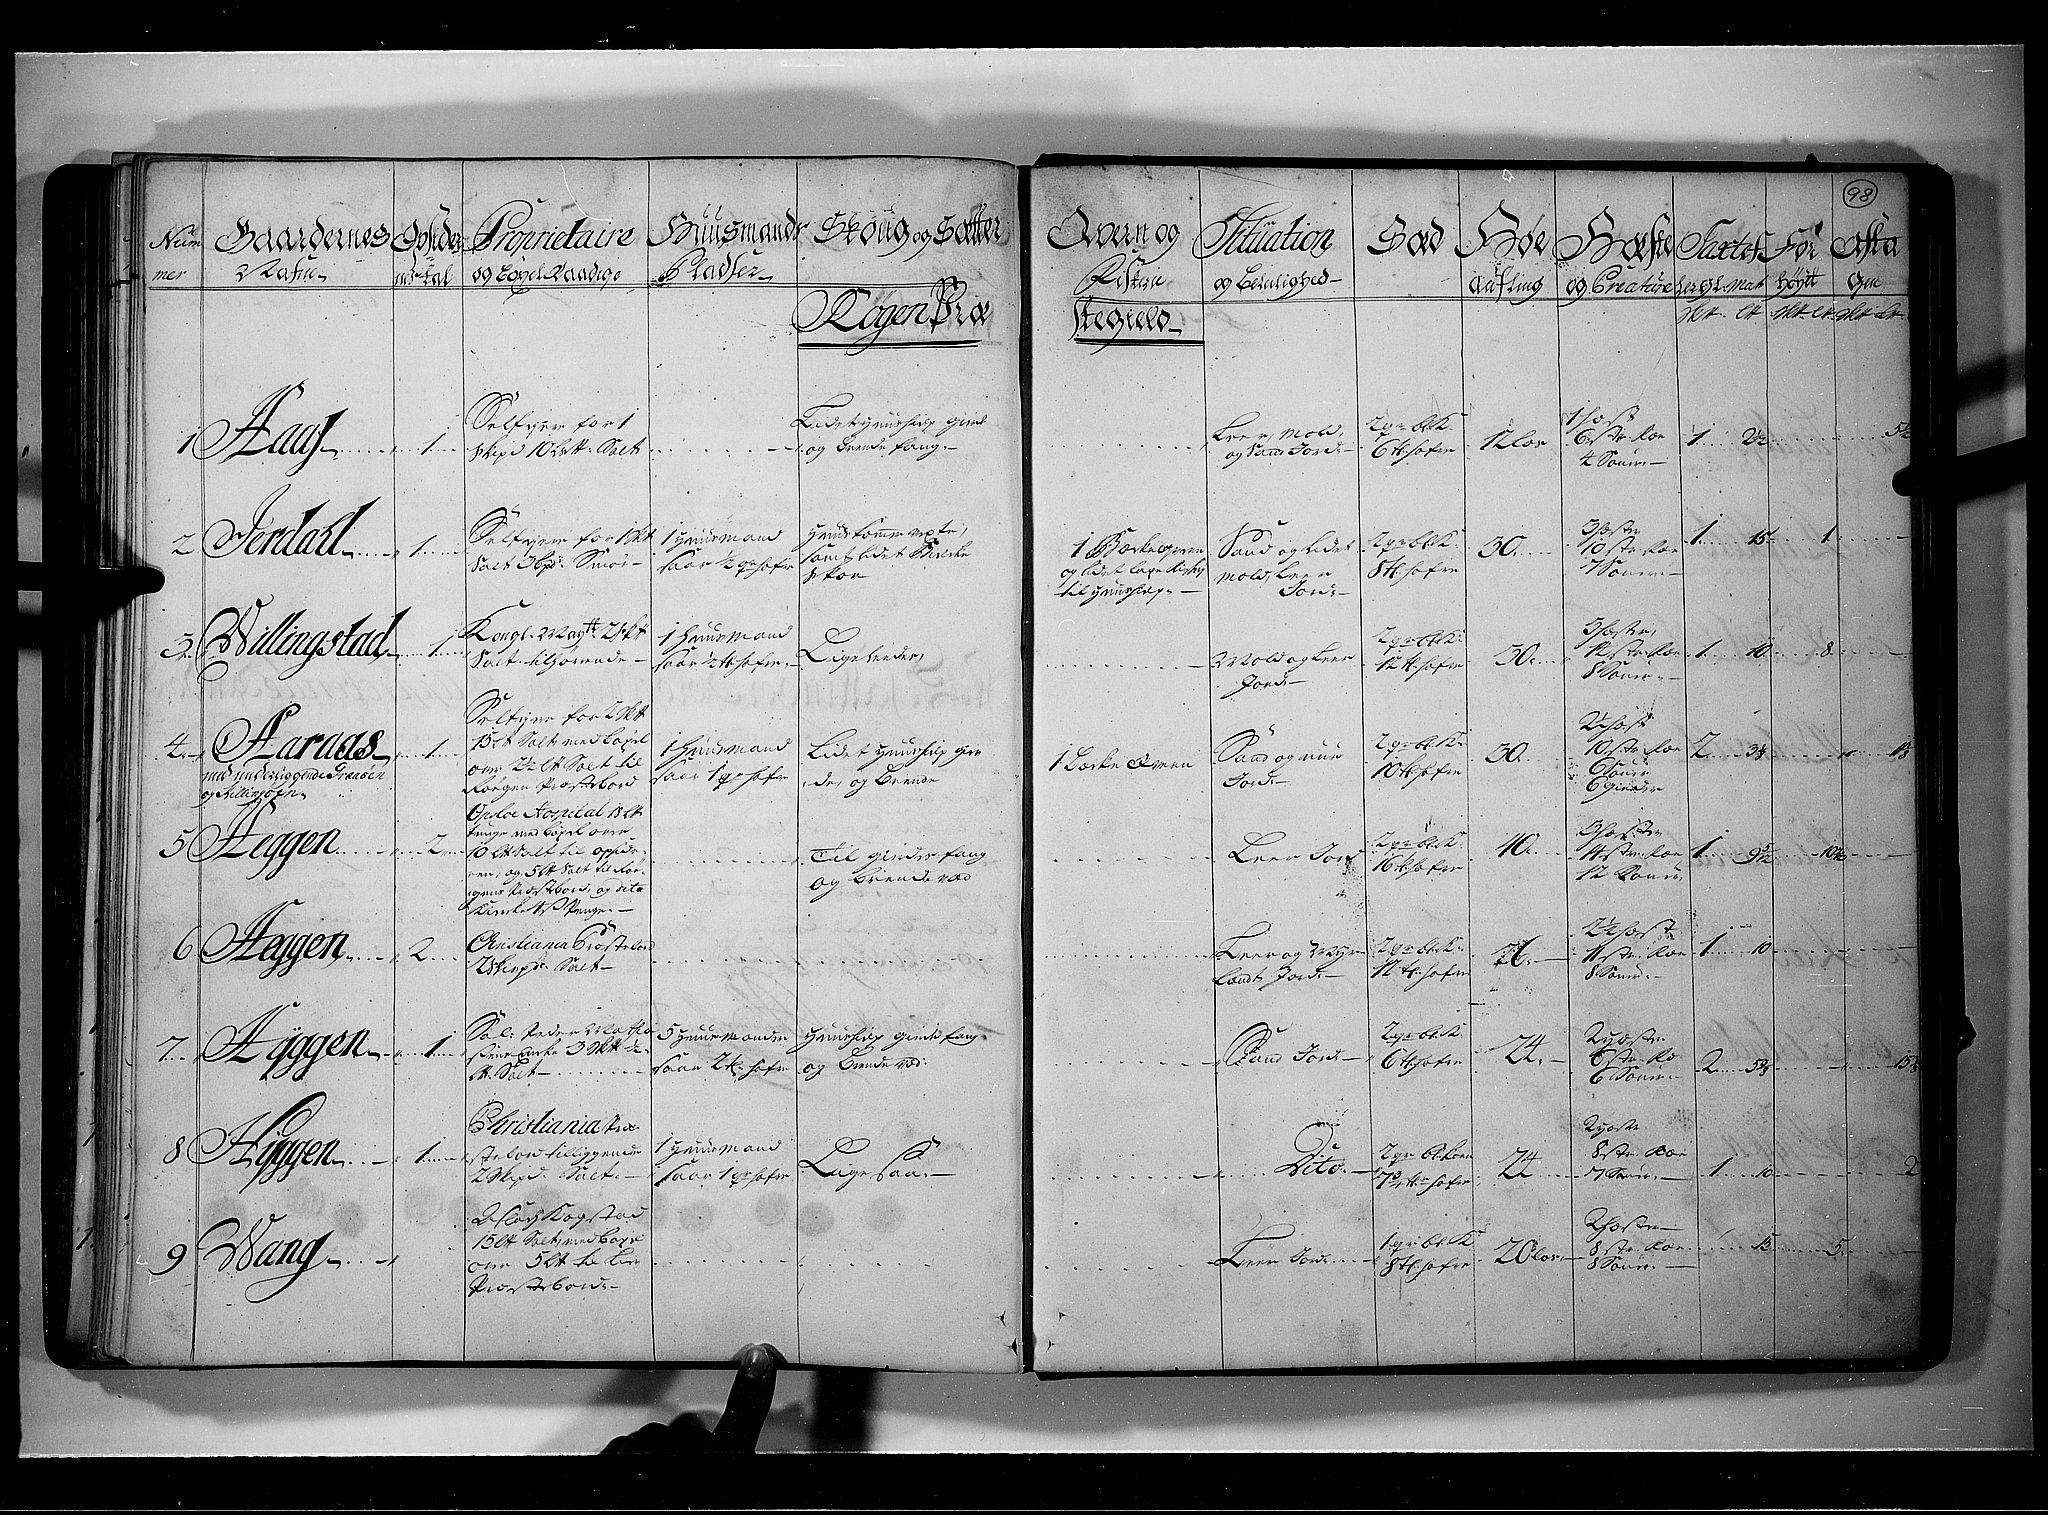 RA, Rentekammeret inntil 1814, Realistisk ordnet avdeling, N/Nb/Nbf/L0111: Buskerud eksaminasjonsprotokoll, 1723, s. 97b-98a